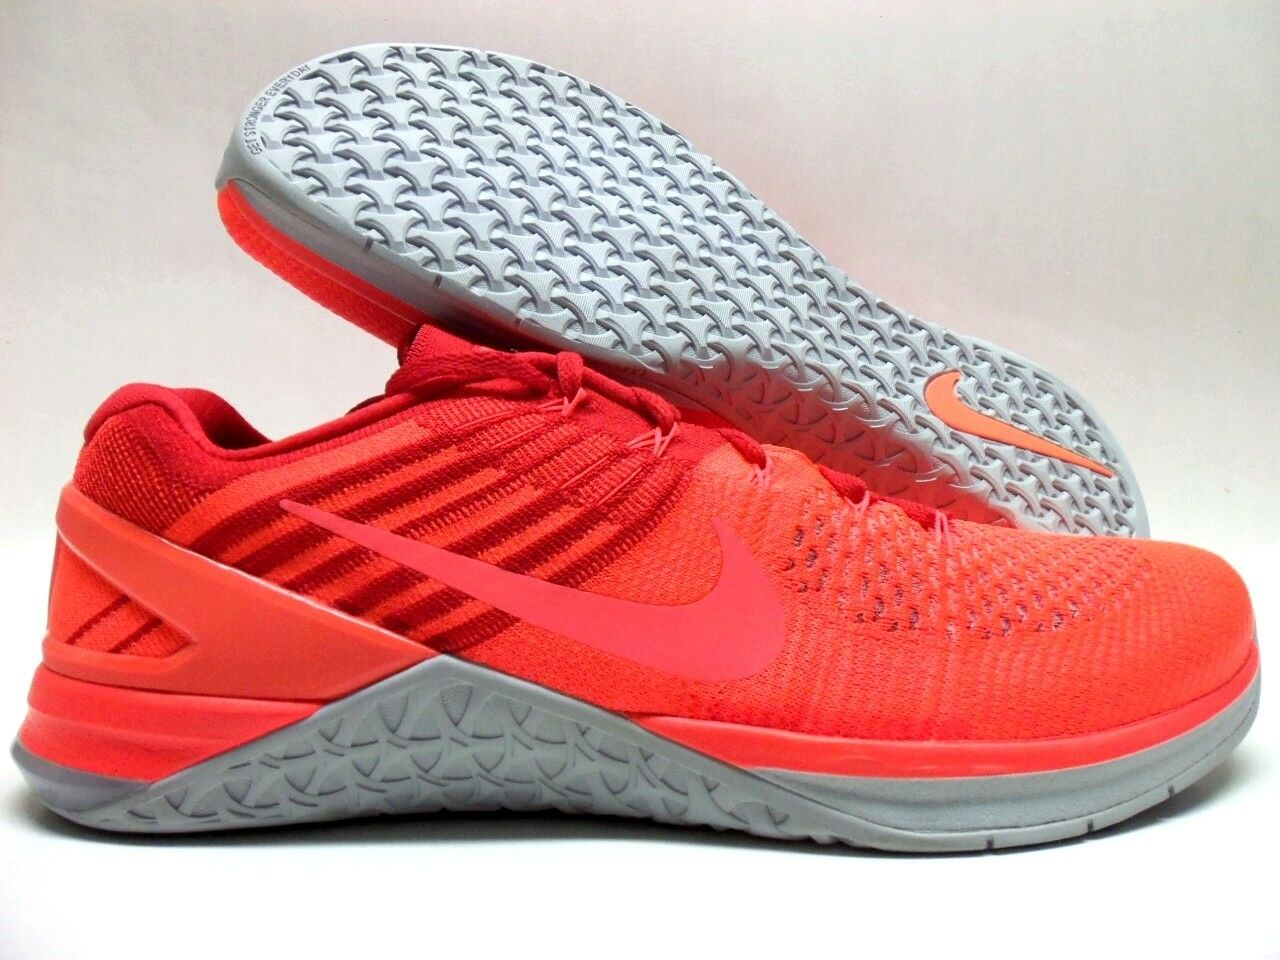 Nike metcon dsx flyknit insgesamt crimson / hyper - orange größe männer 13 [852930-800]